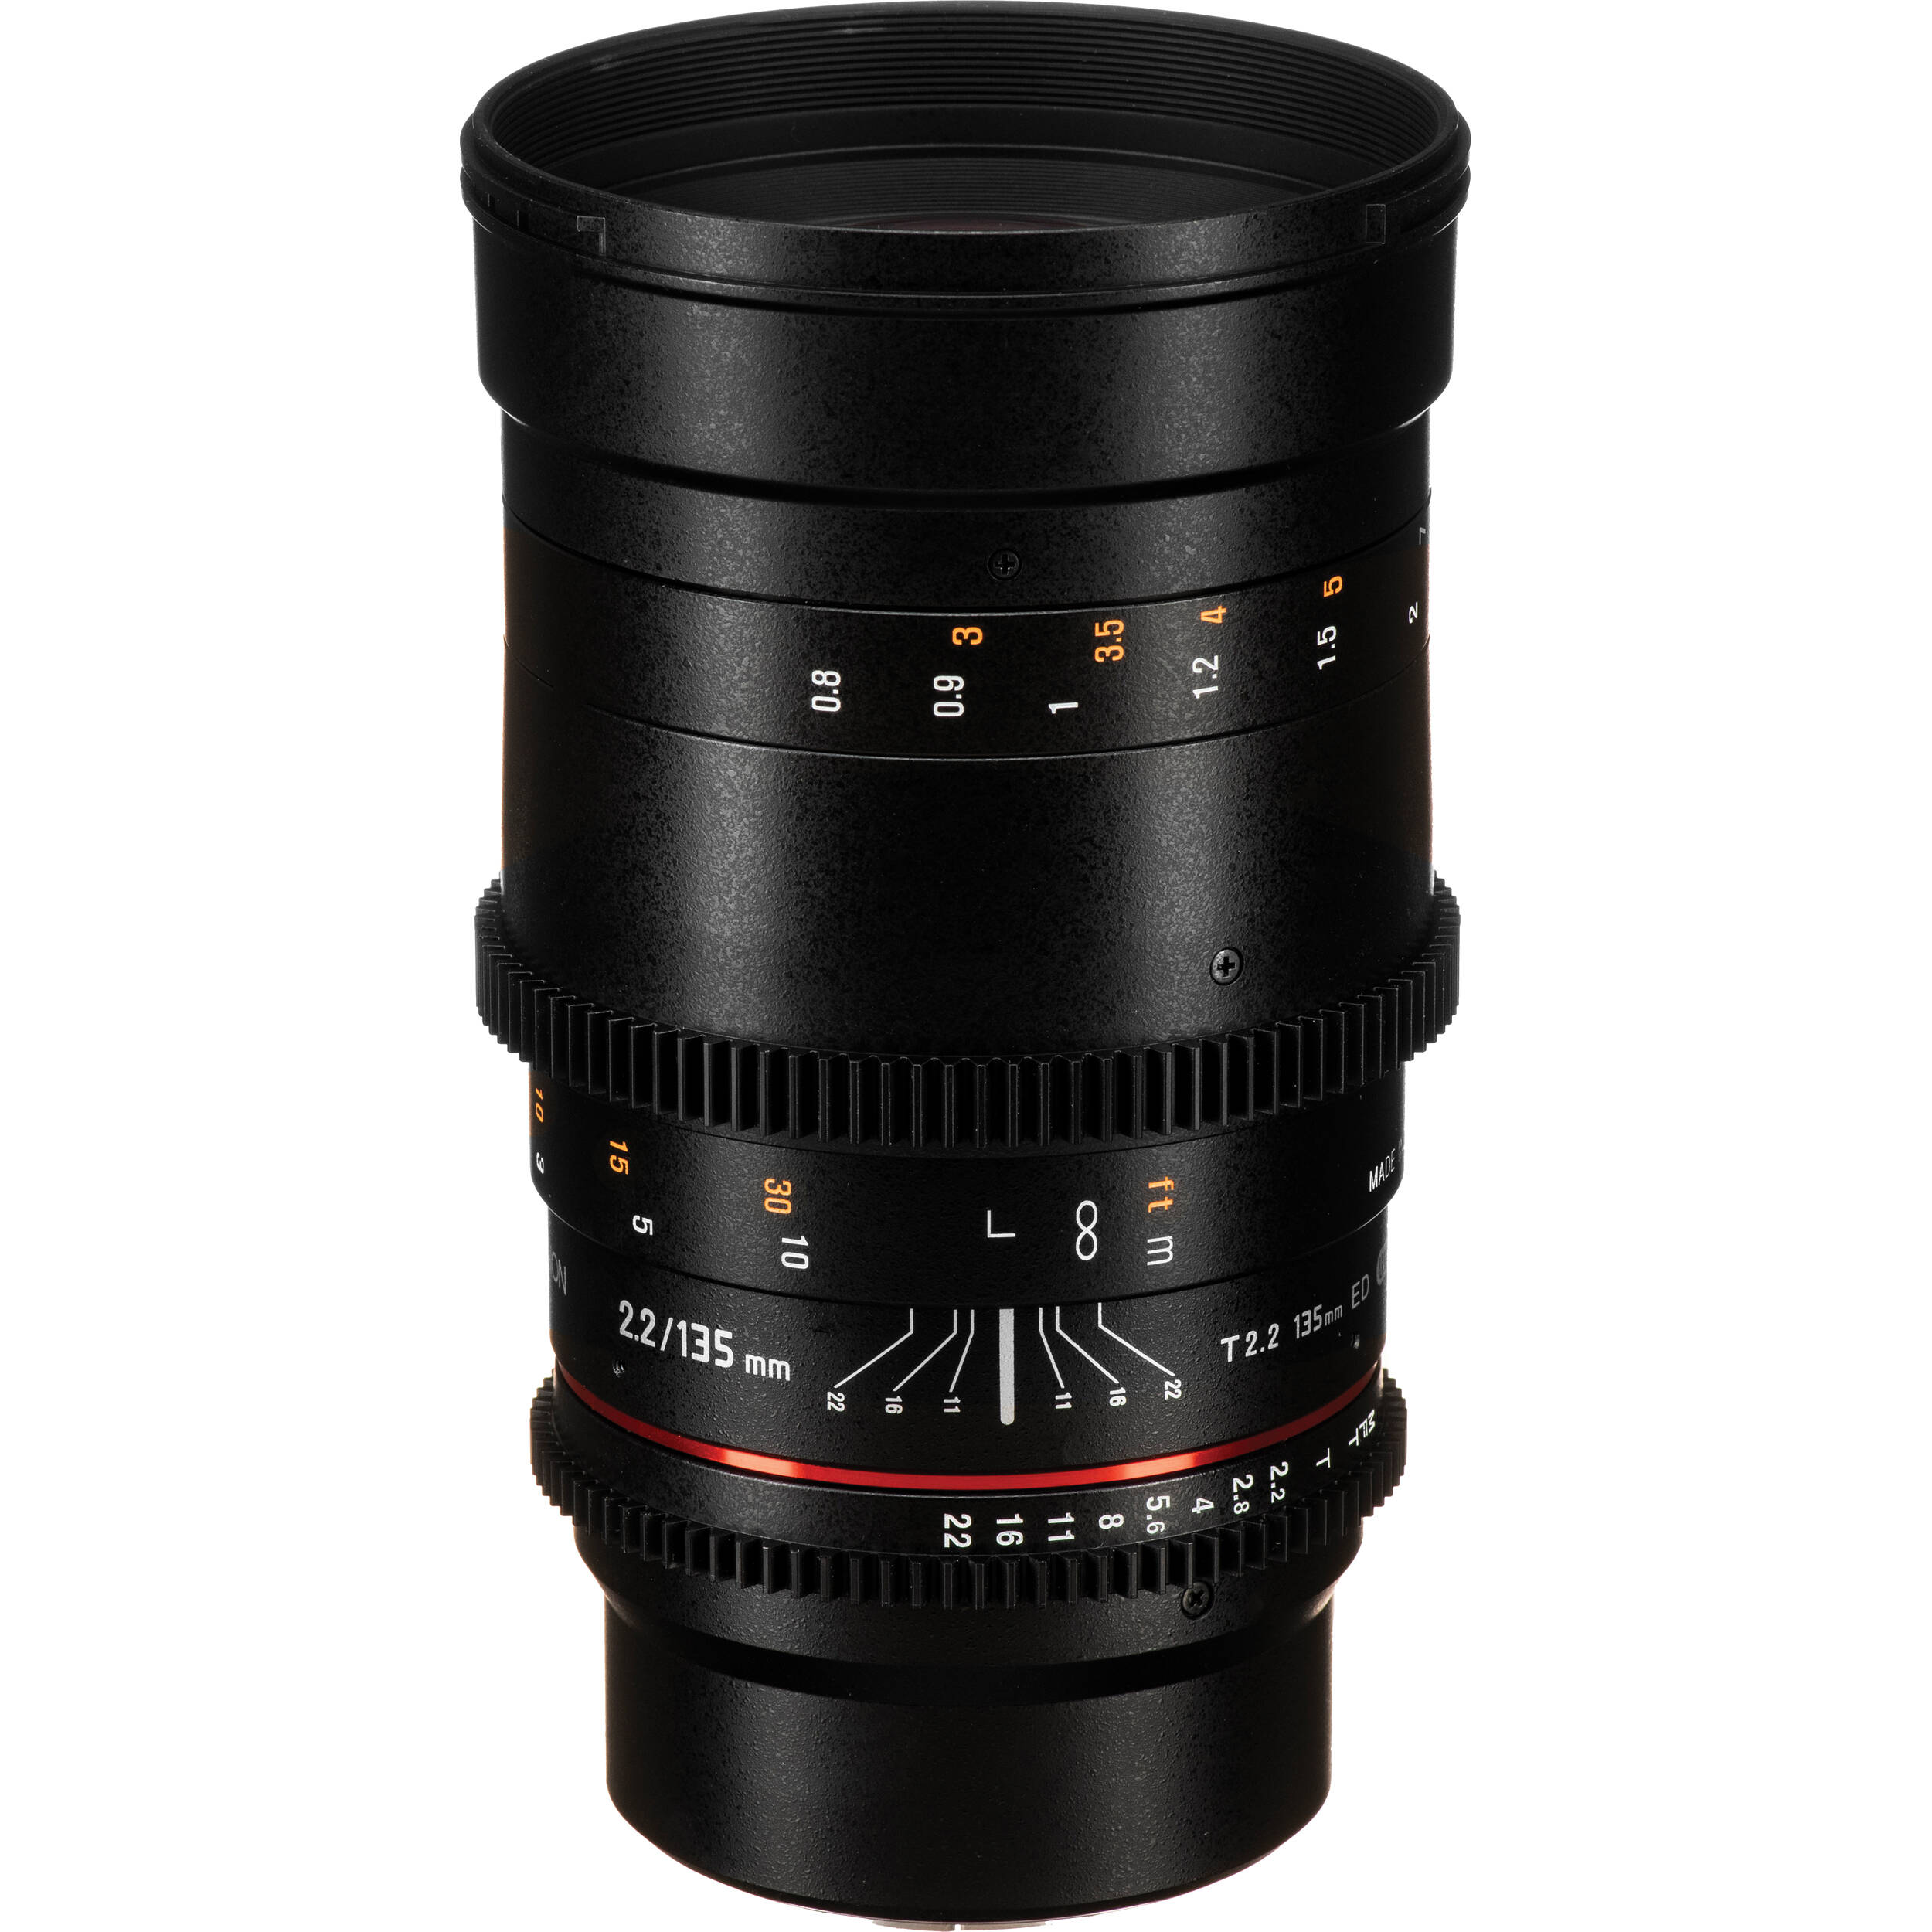 Mft lens deals